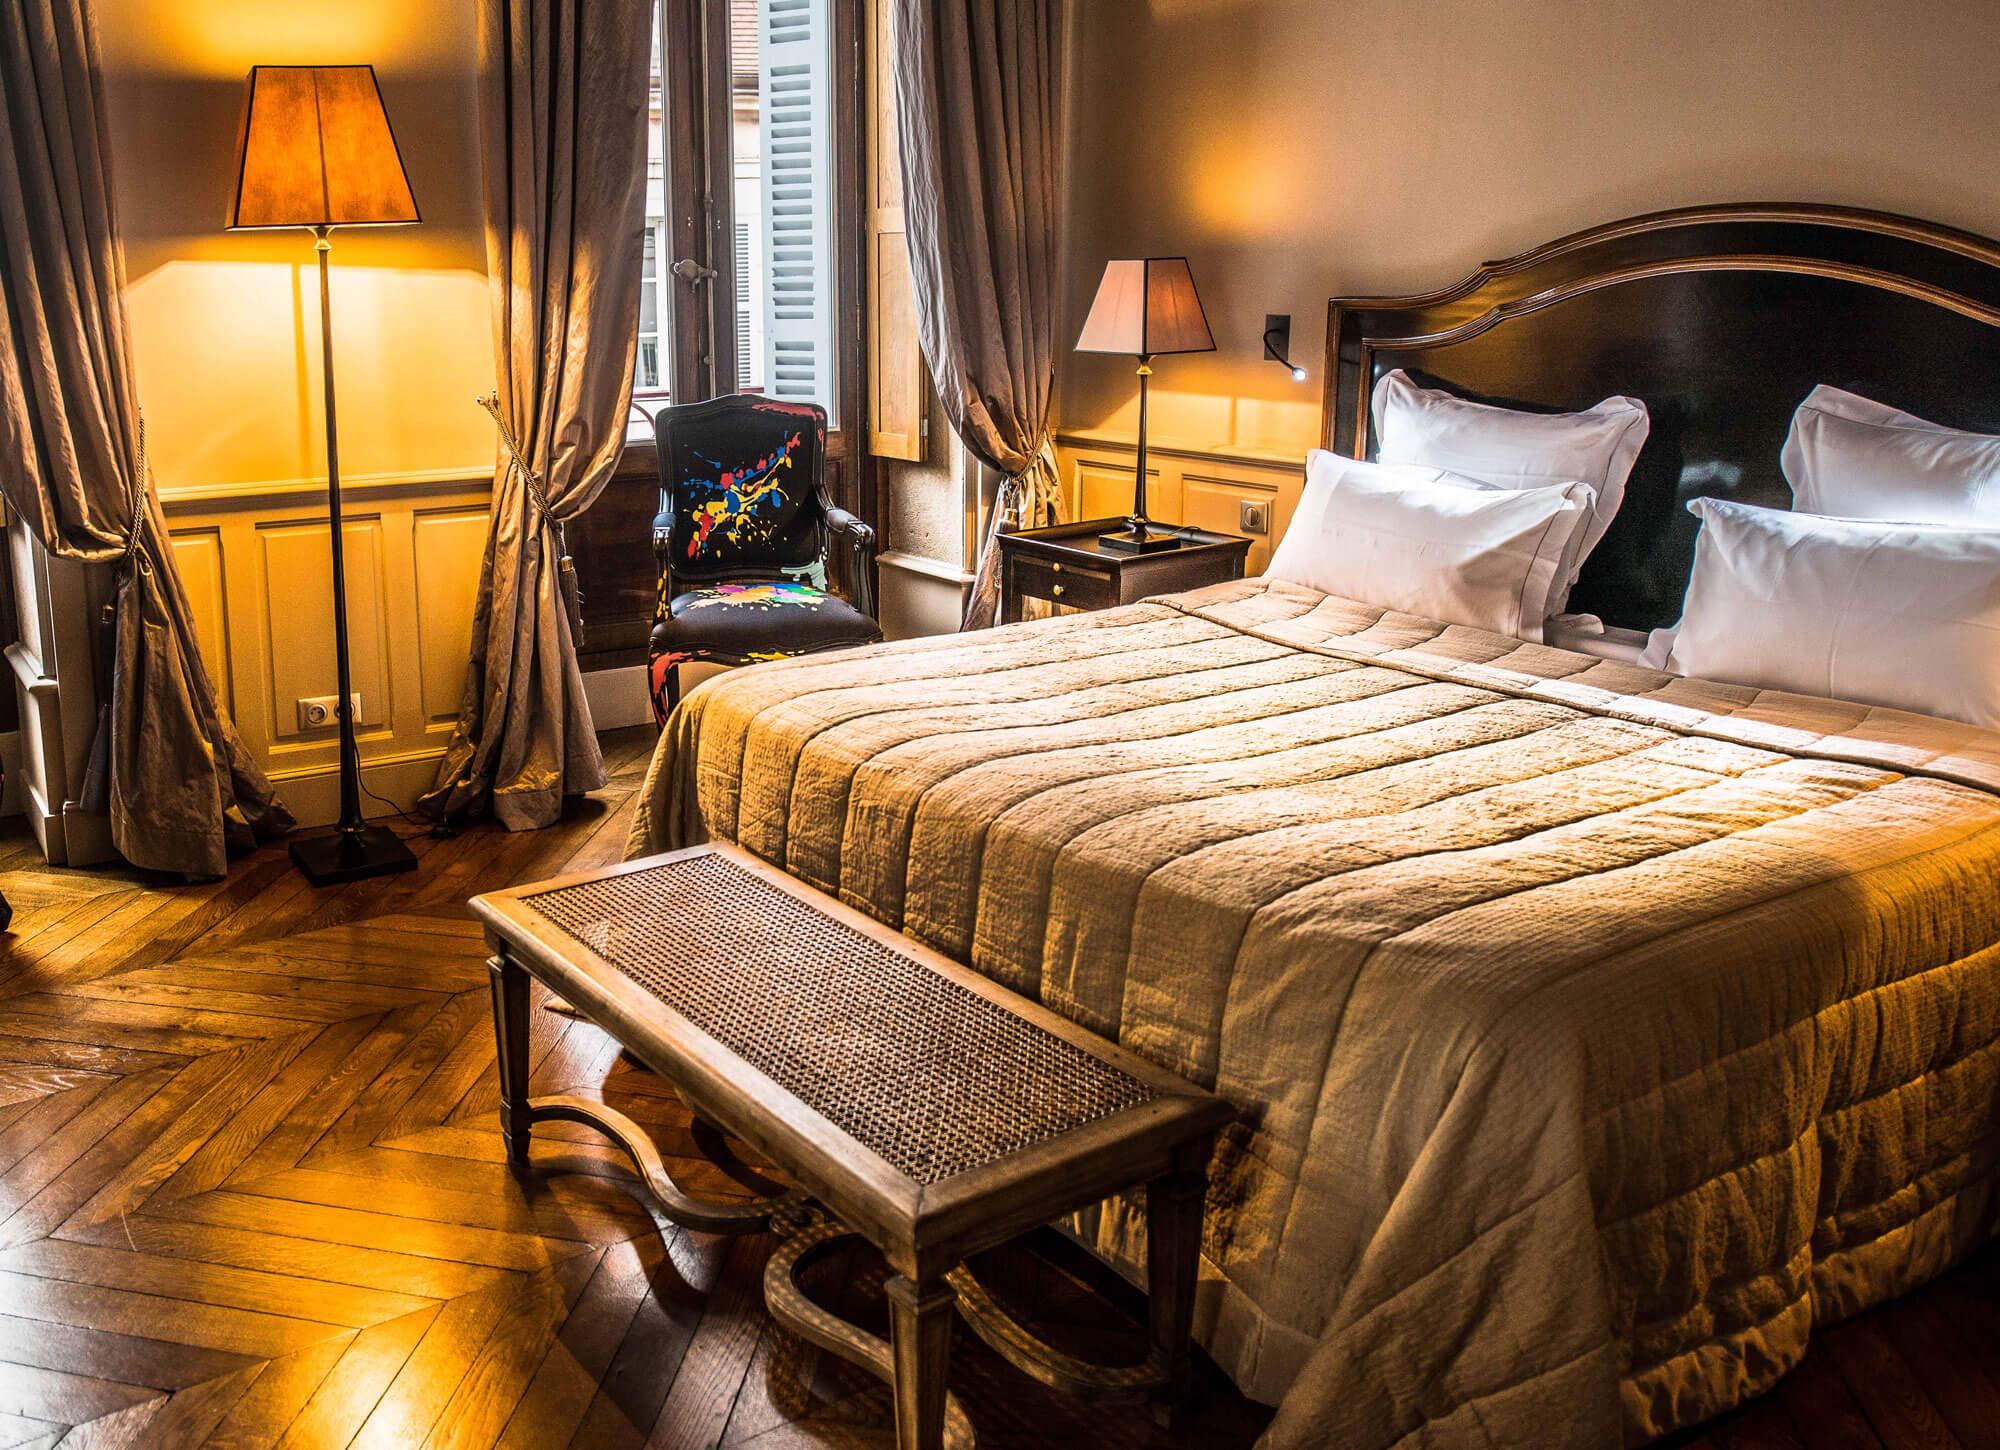 Chambre avec lit en bois ancien et banc au pied du lit